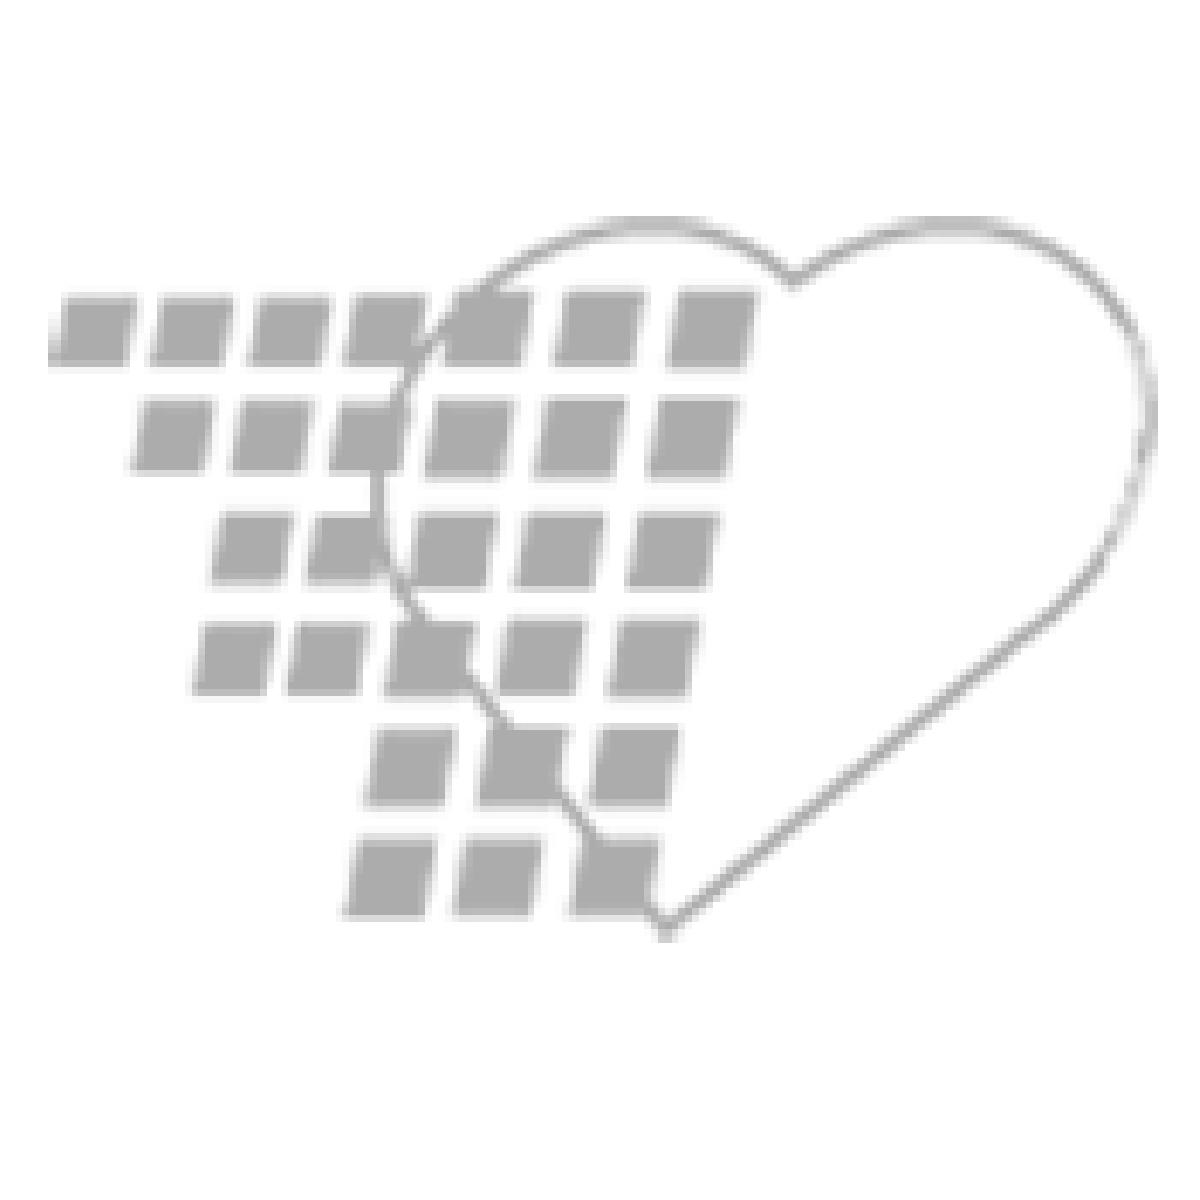 11-81-1372 Simulaids Patient Care Manikin